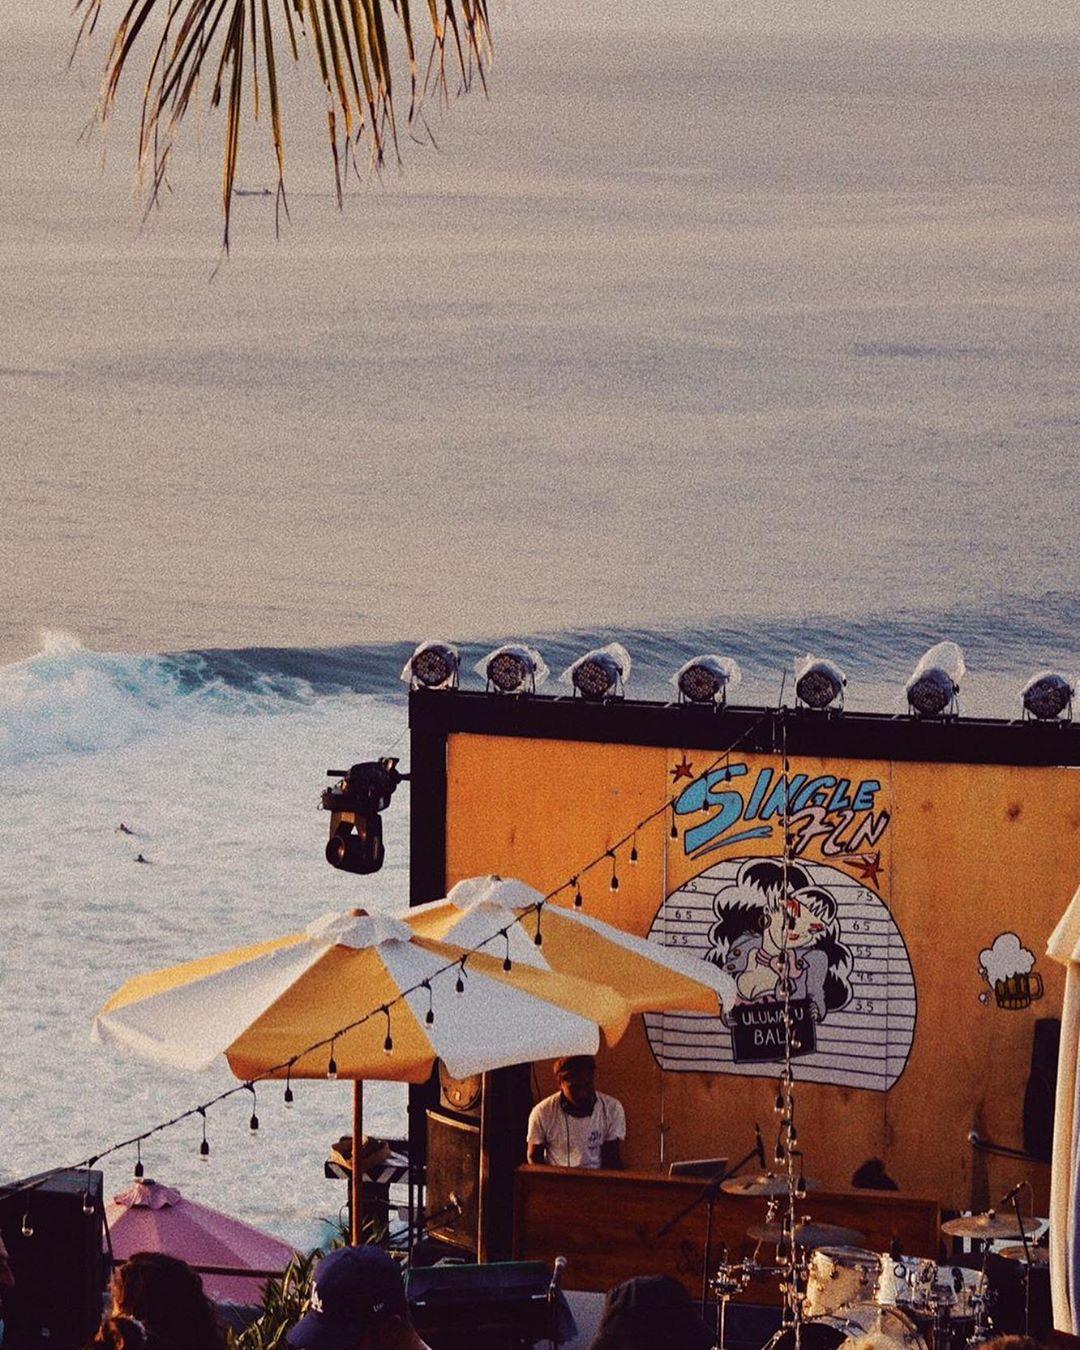 Single Fin Bali Beach Club